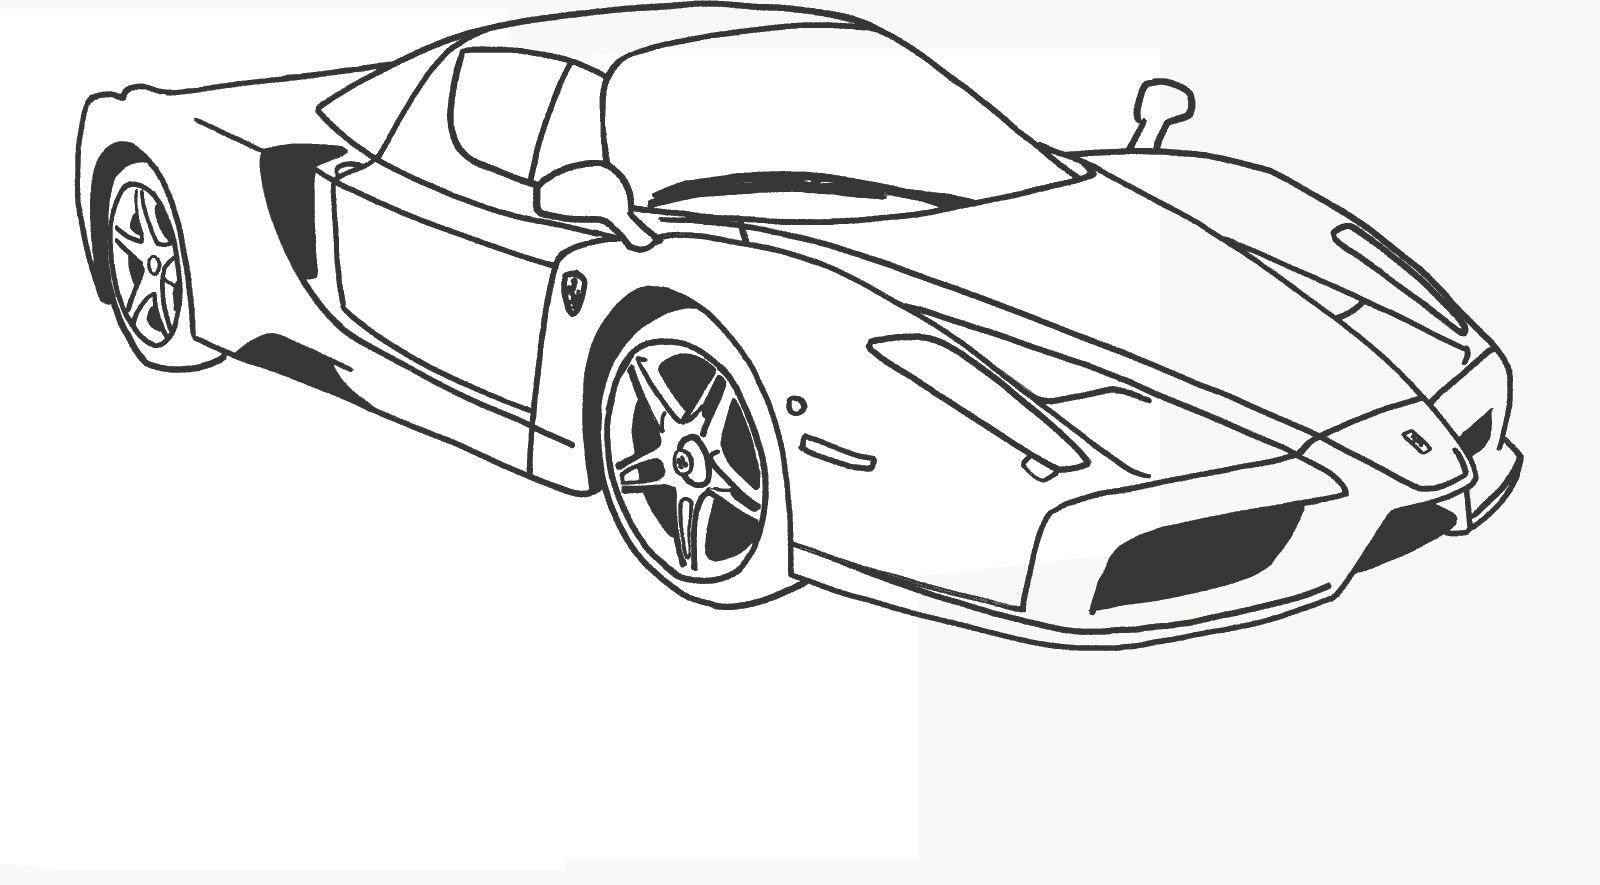 Ferrari 7 ferrari coloring pages disegni da colorare for Disegni da stampare e colorare cars